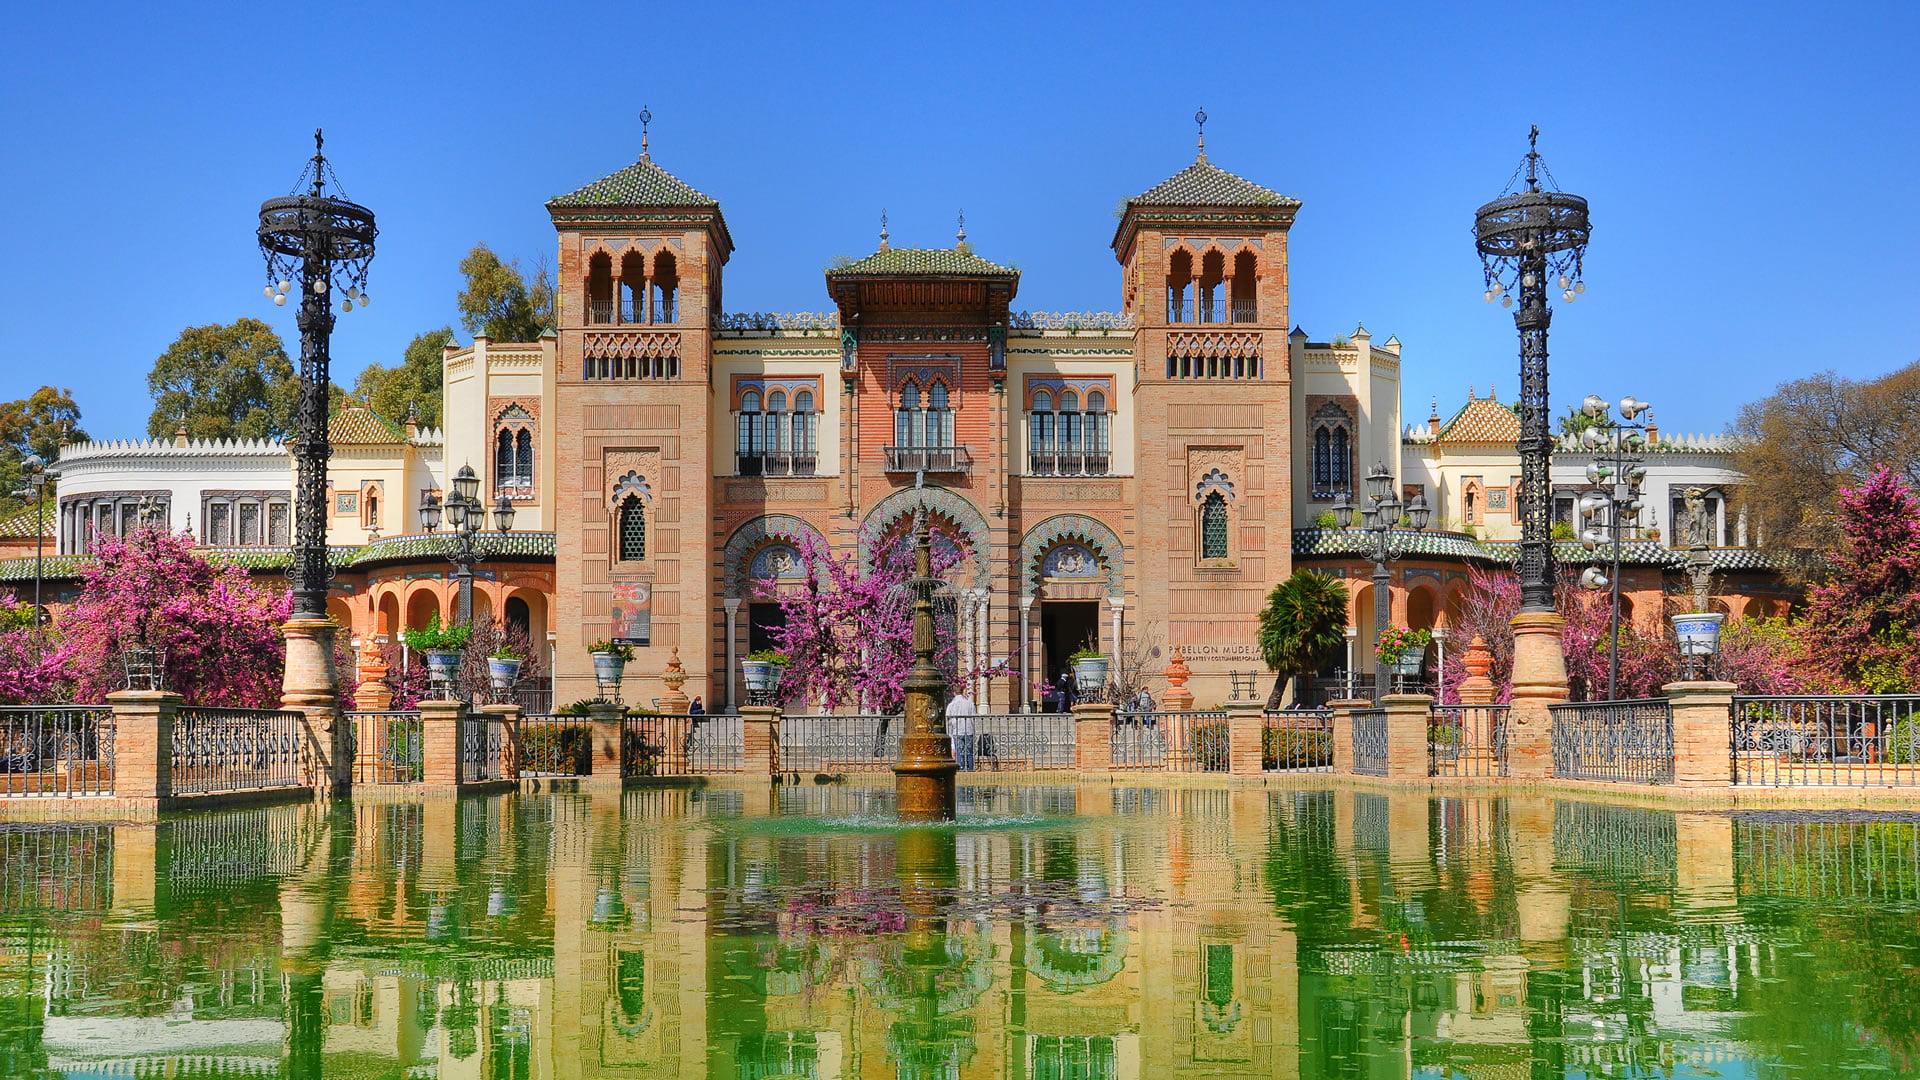 Me sobra un dia en Sevilla, que hacer ? - Página 2